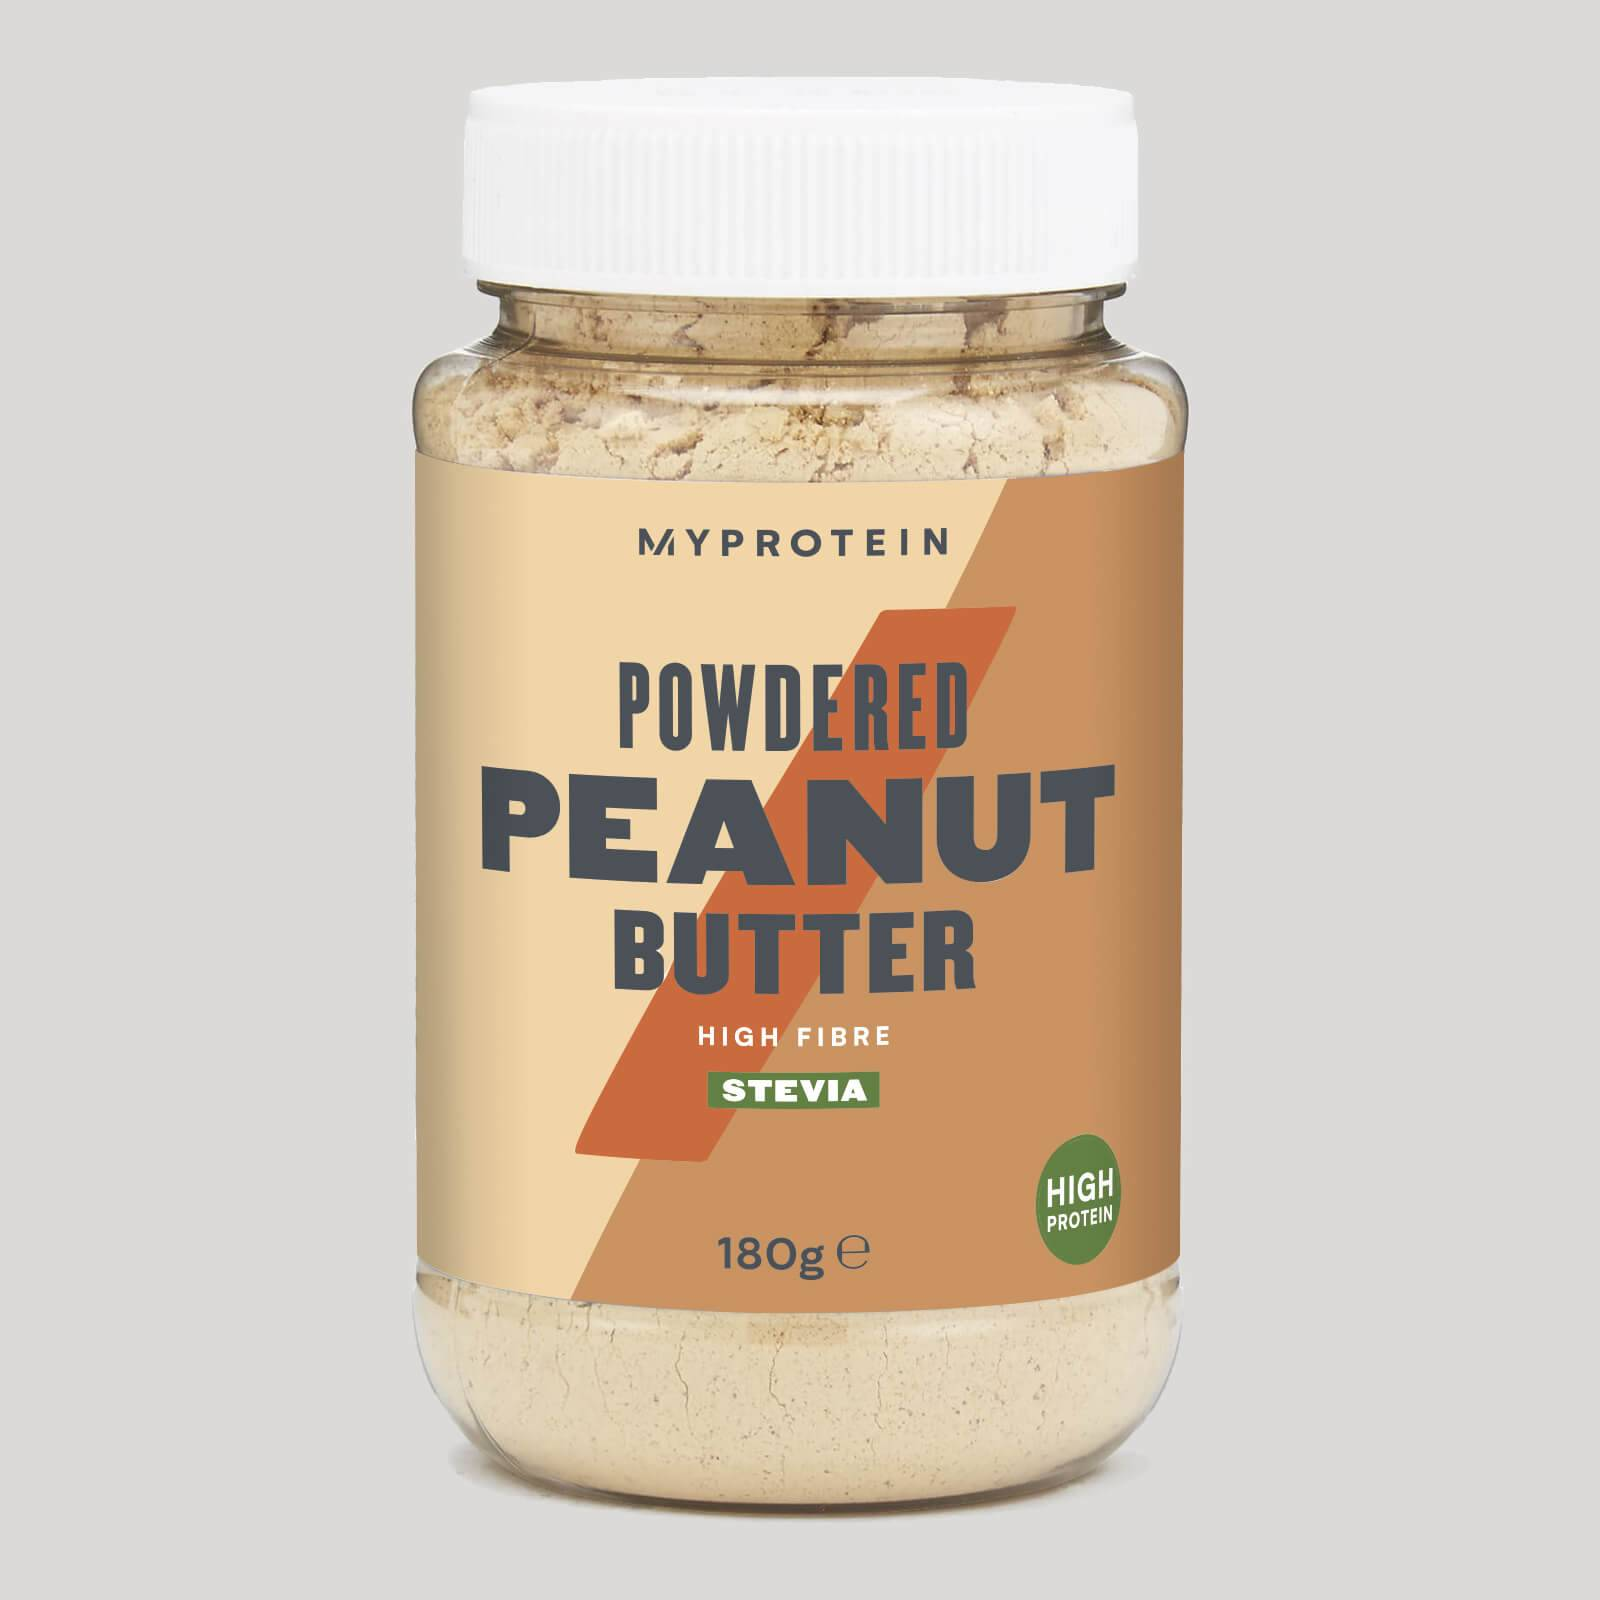 Myprotein Beurre de cacahuete en poudre - 180g - Stevia